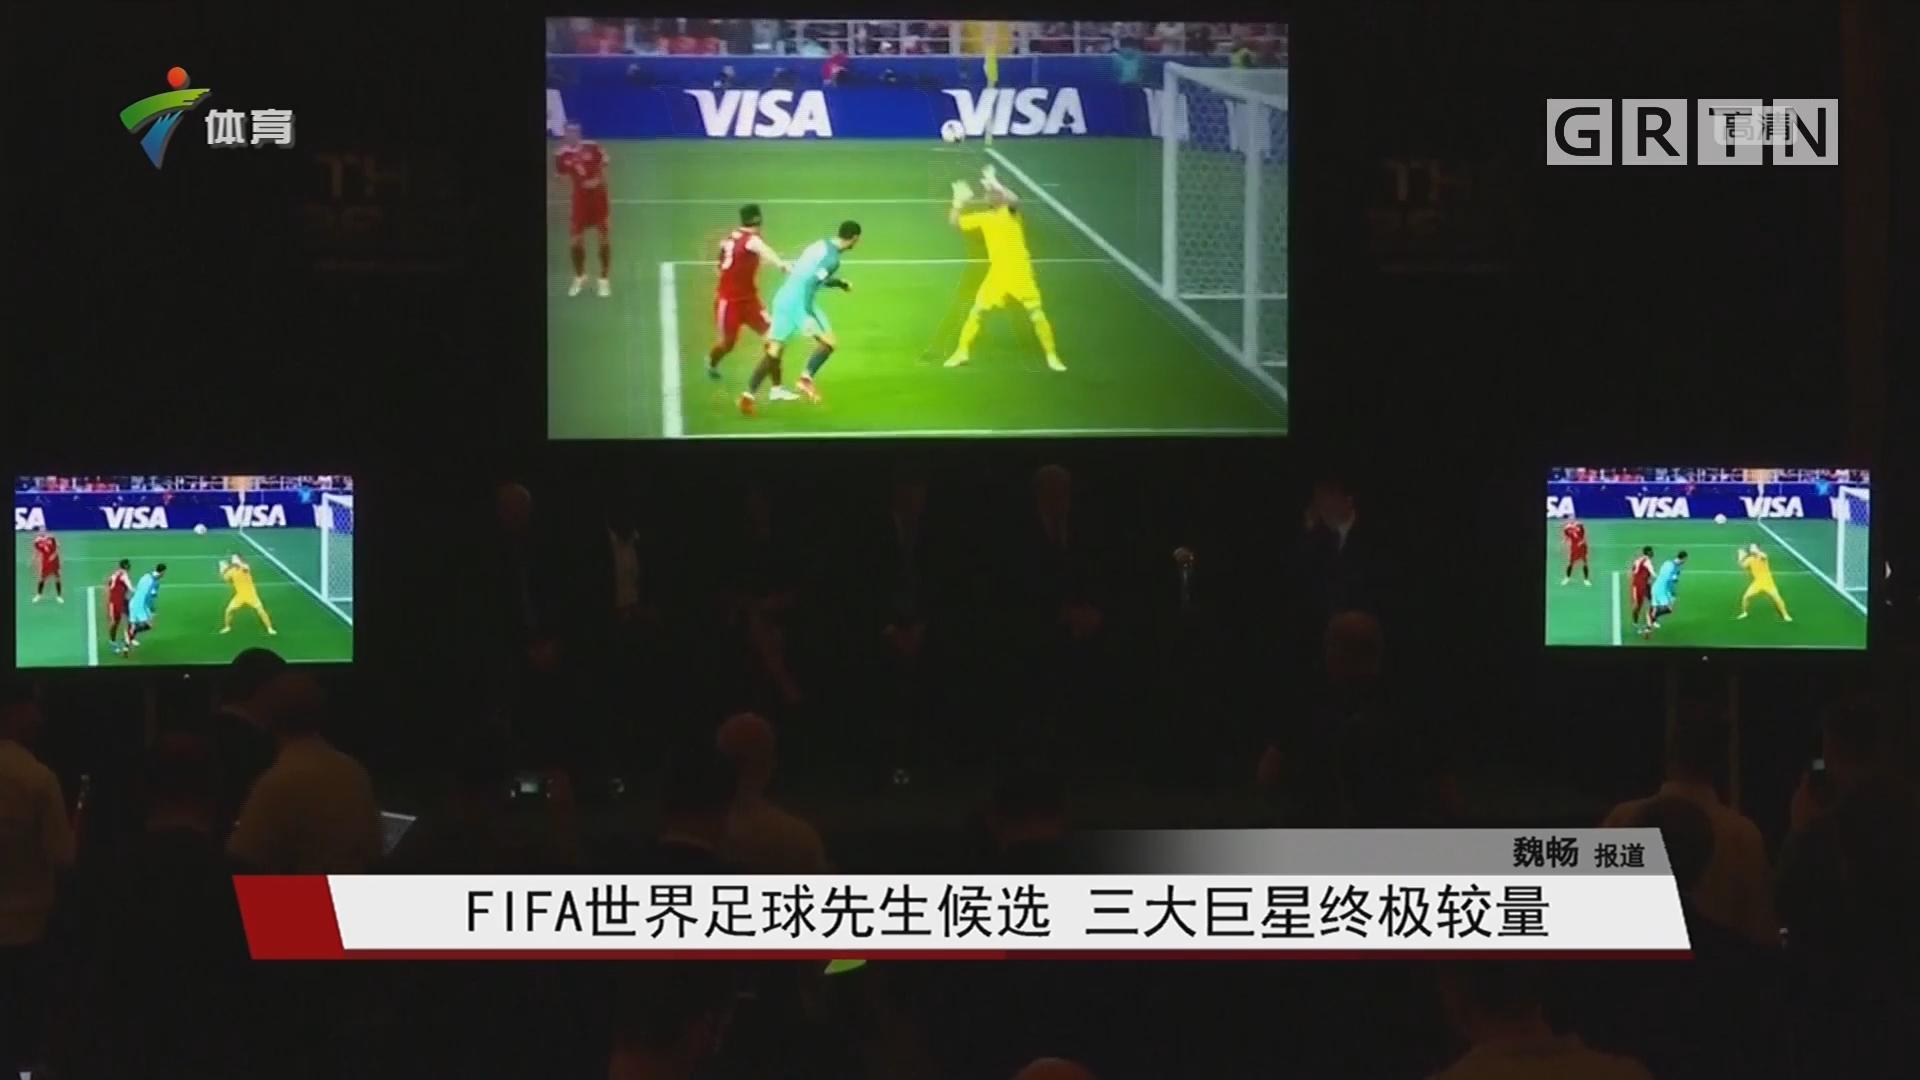 FIFA世界足球先生候选 三大巨星终极较量